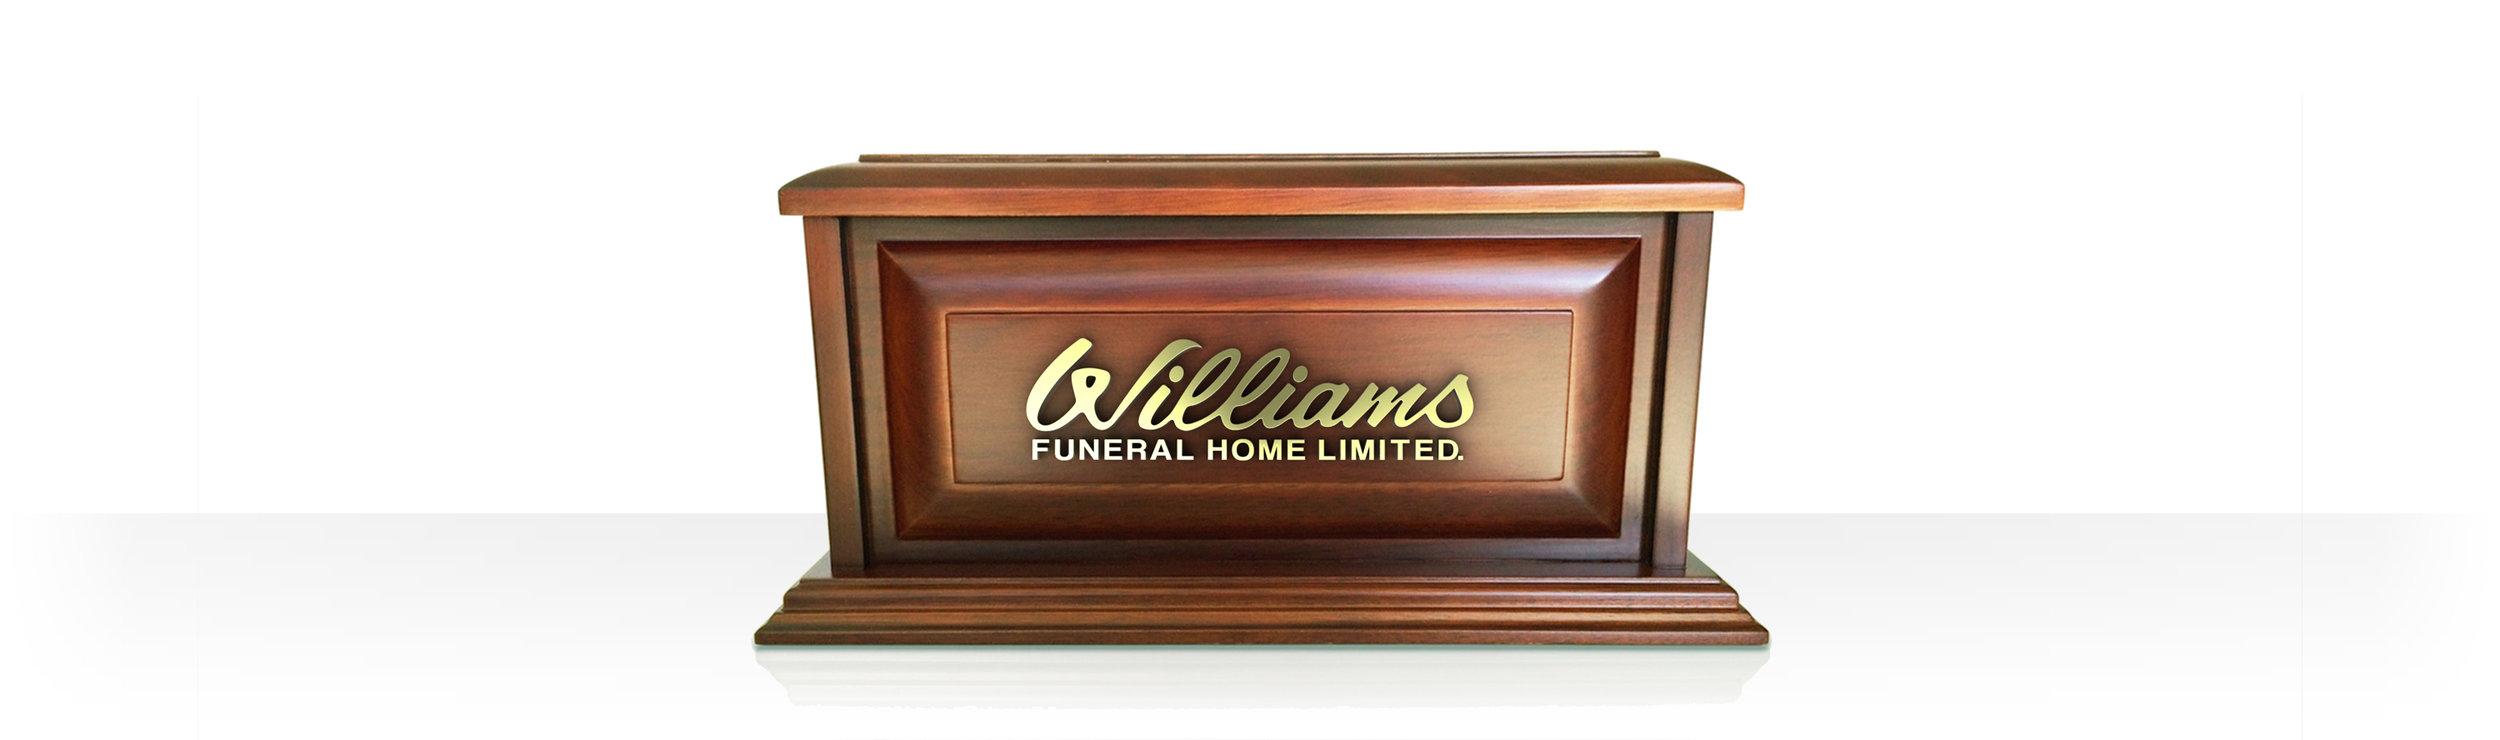 Cremation_Banner.jpg